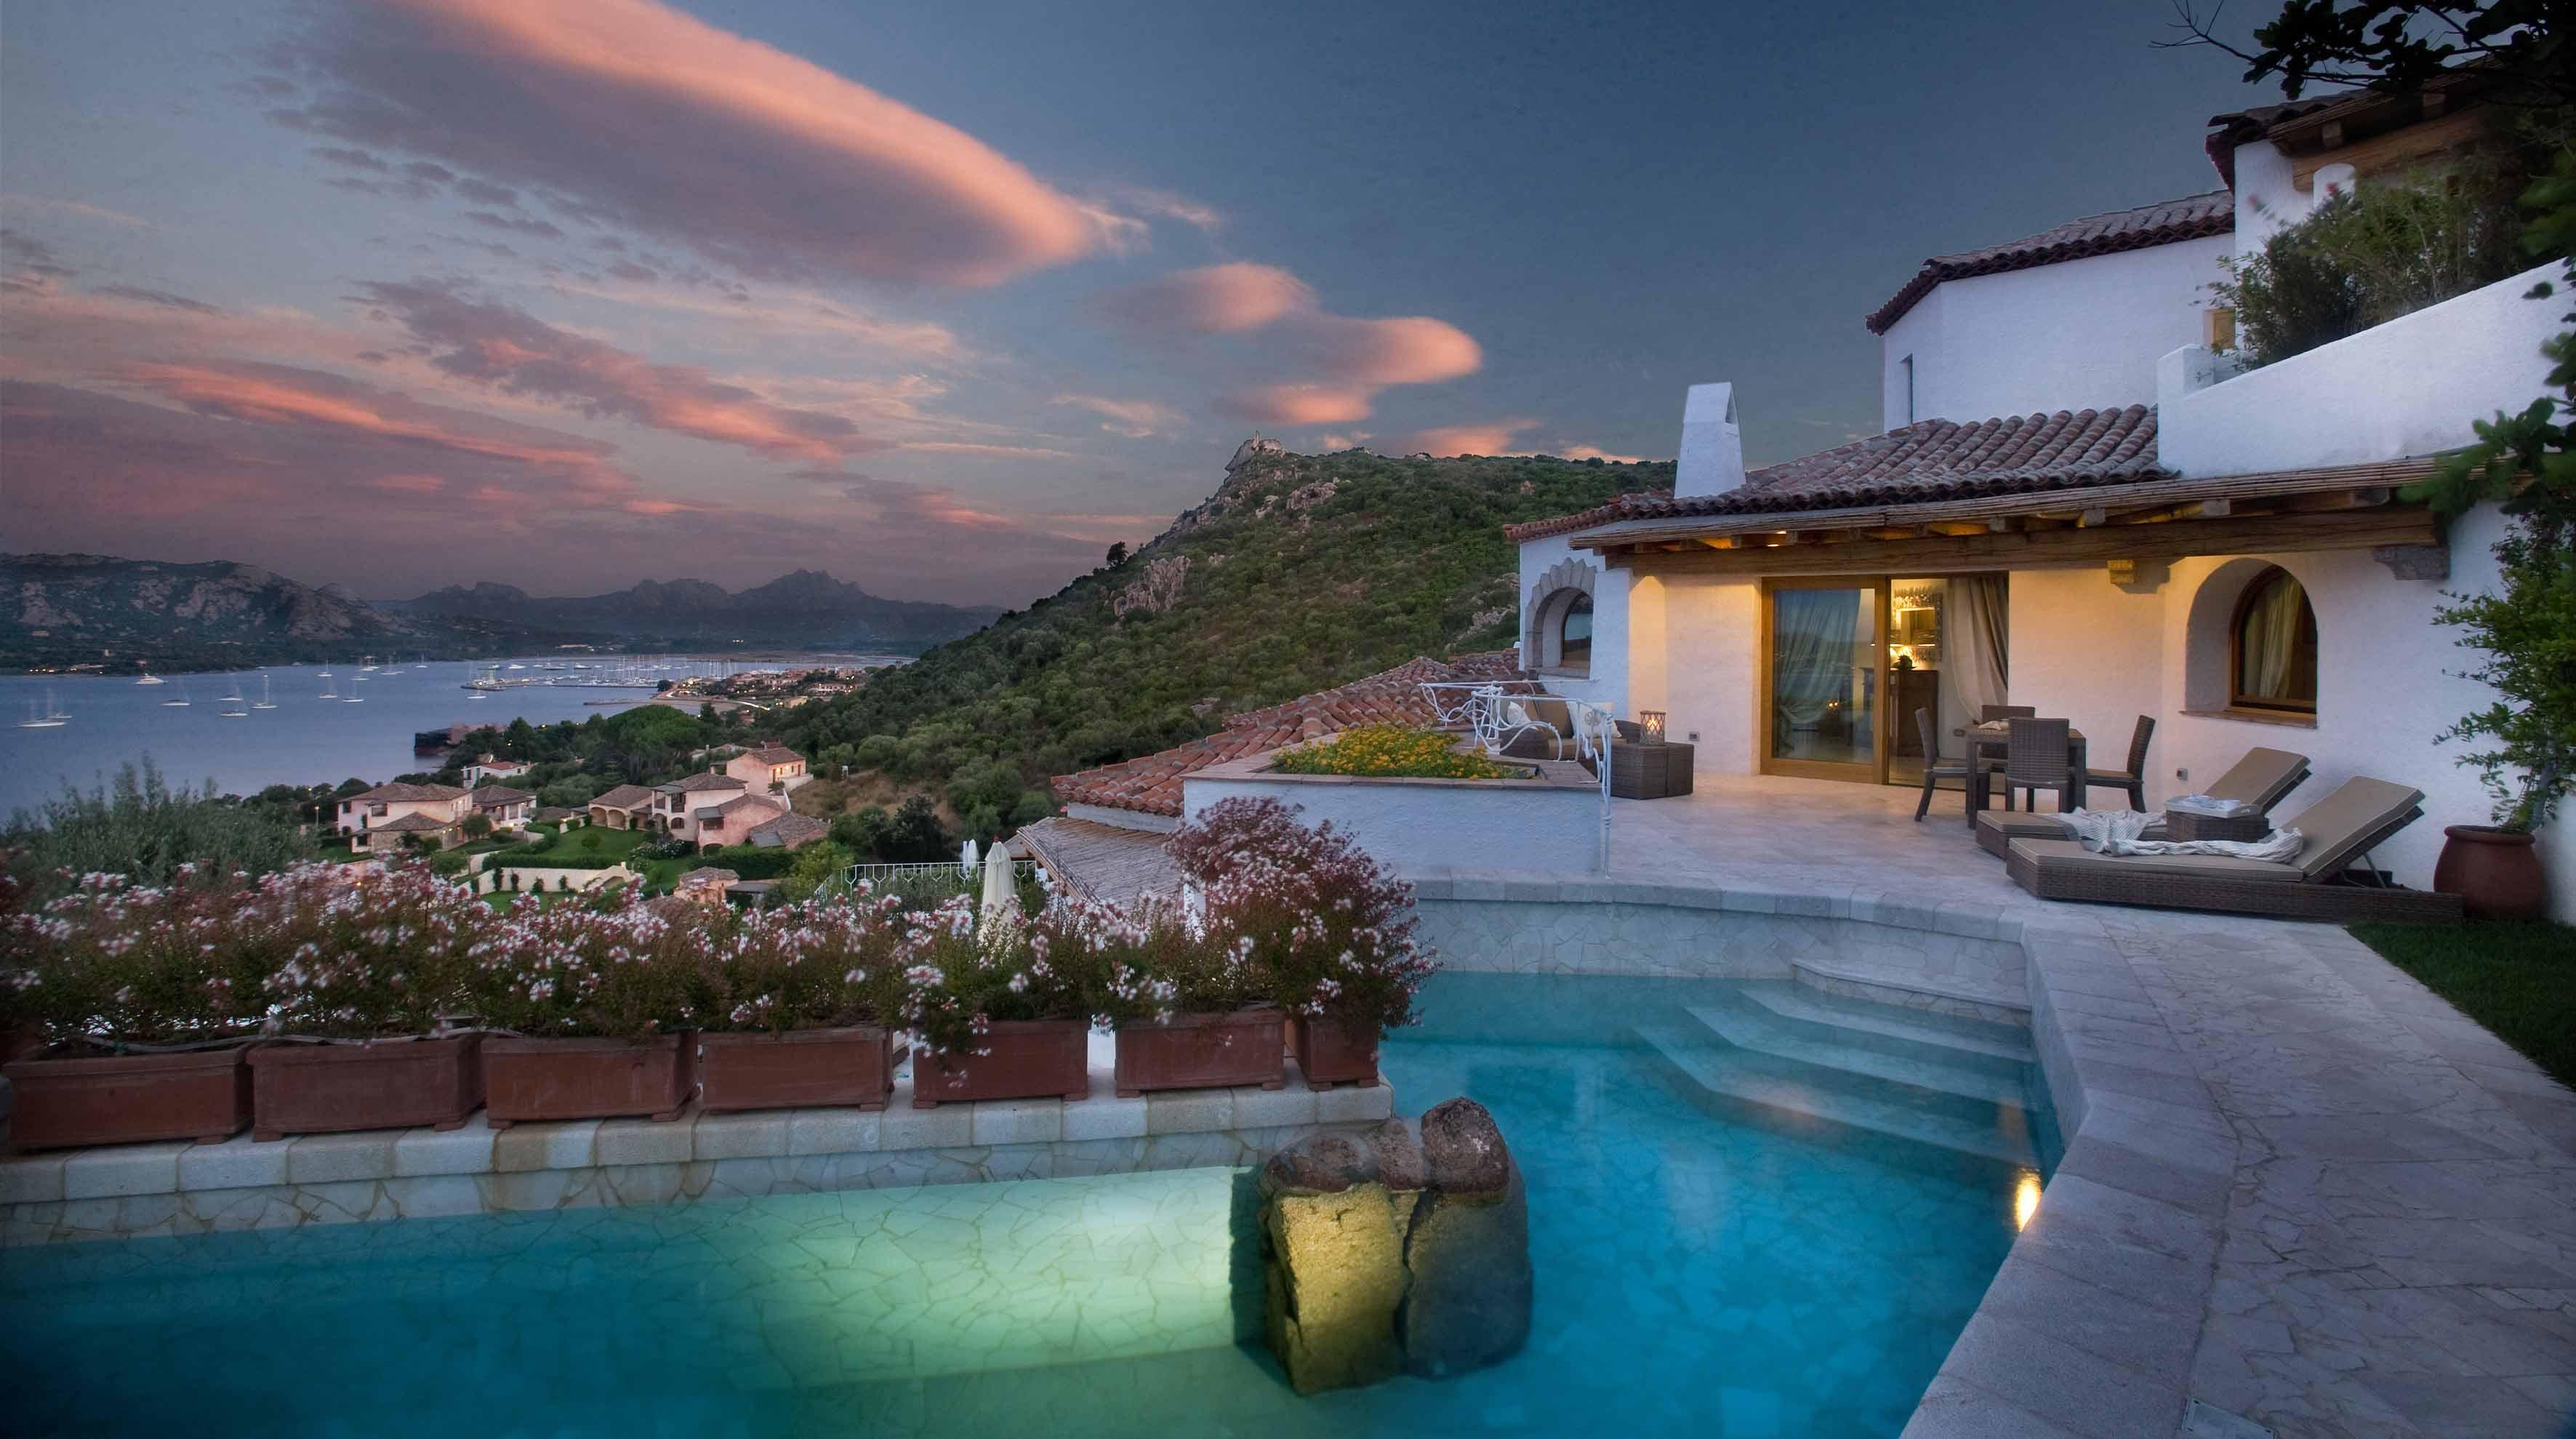 Villa Del Golfo Lifestyle: room / property / locale photo. Image 16